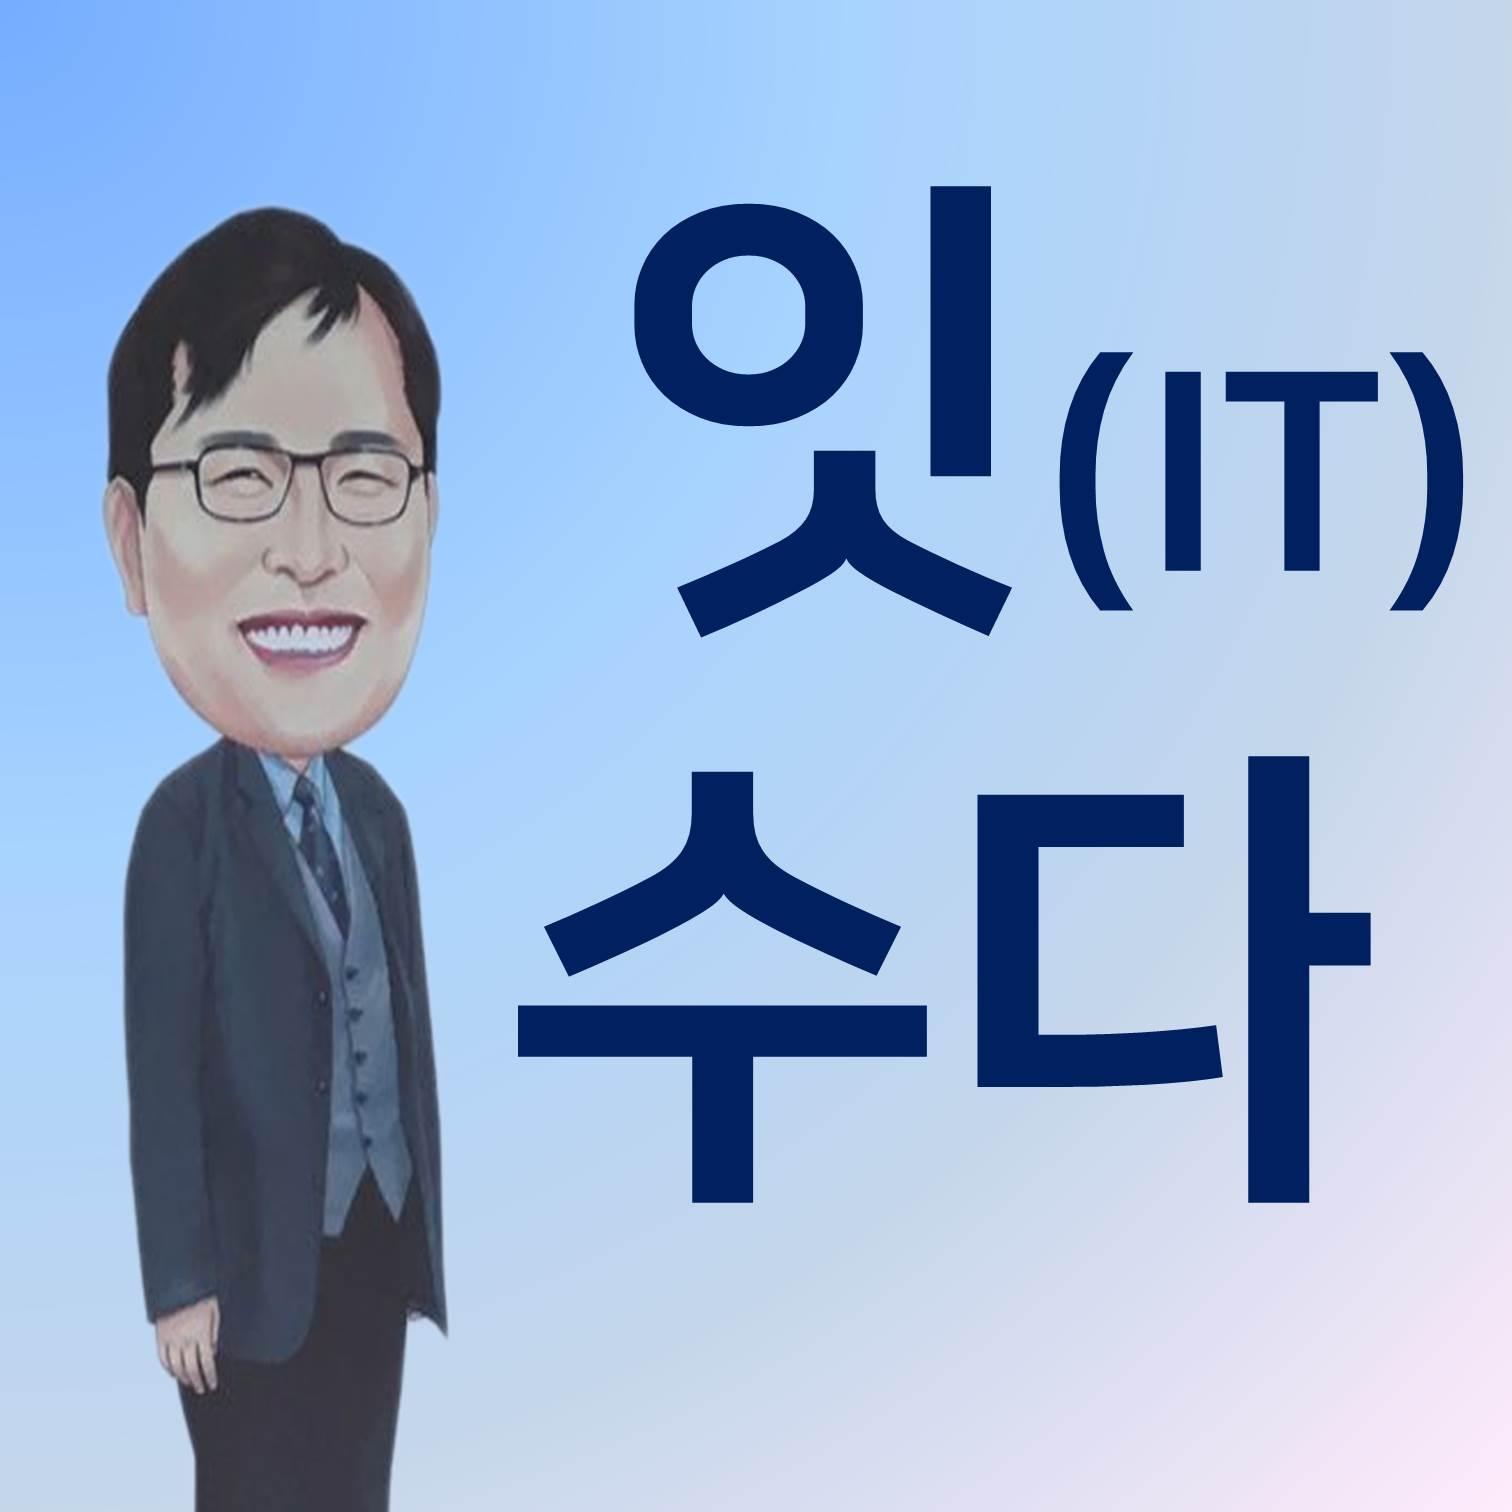 7전8기! 정두현기술사의 필살기!